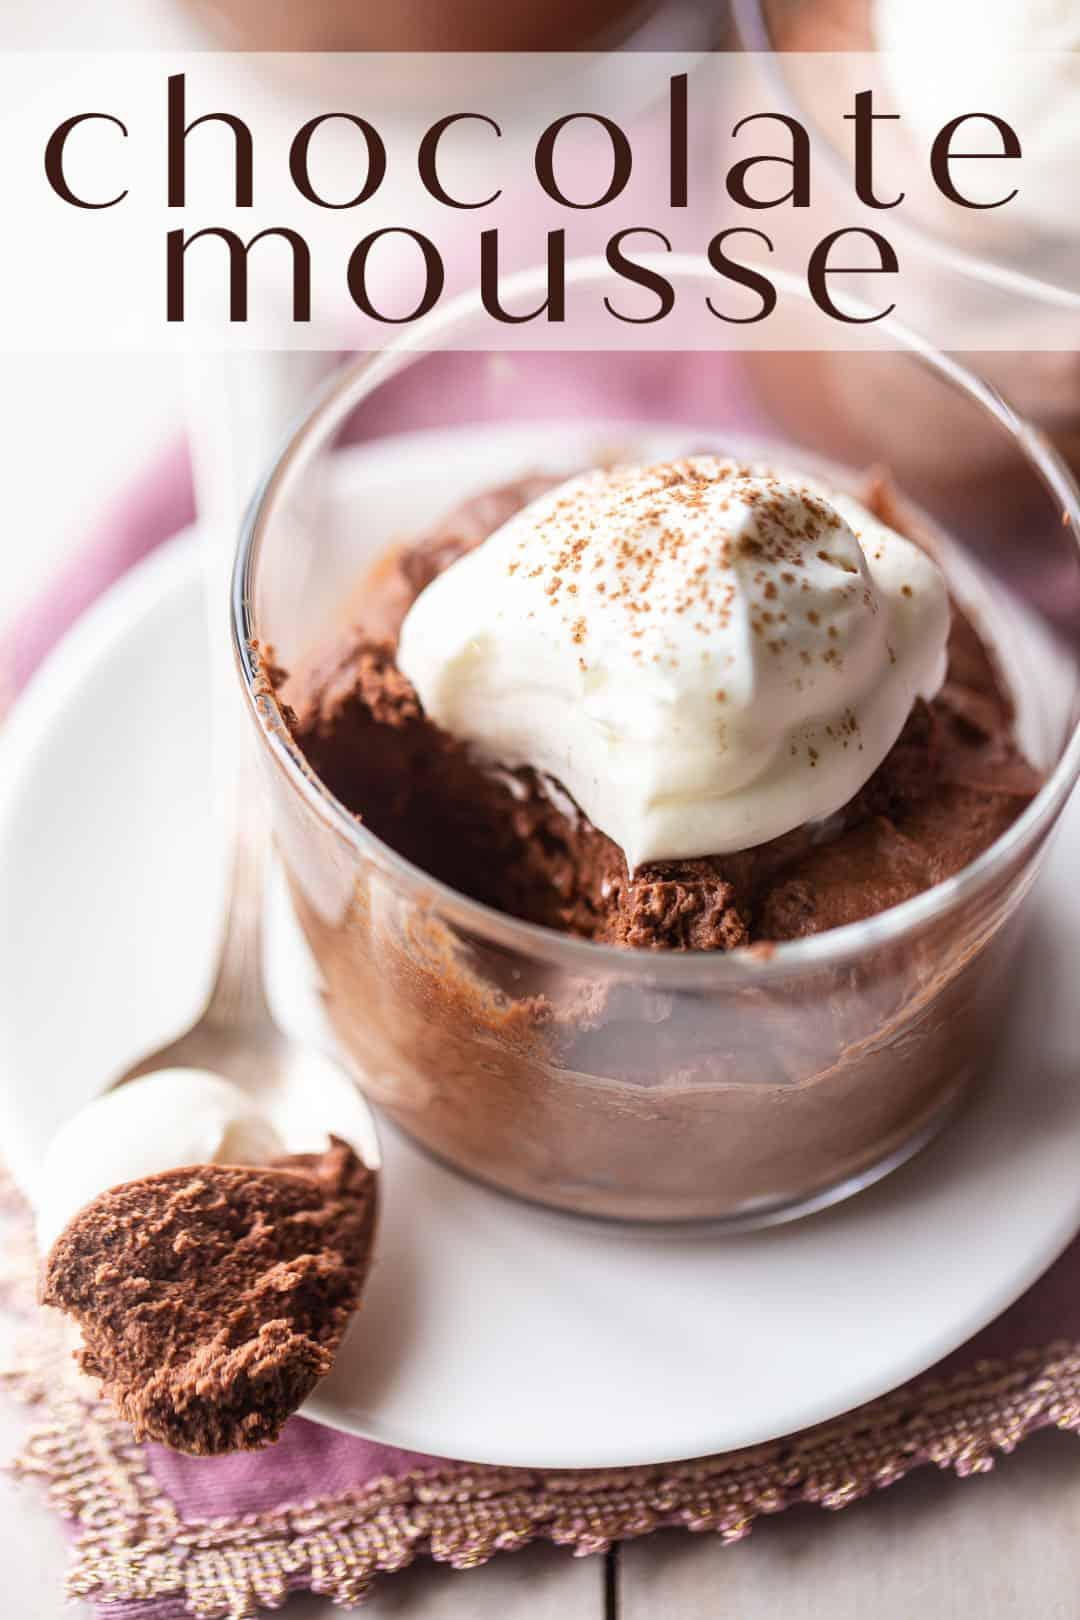 """Receta de mousse de chocolate, preparada y servida en un tazón pequeño de vidrio, con crema batida y una superposición de texto arriba que dice """"Mousse de chocolate""""."""